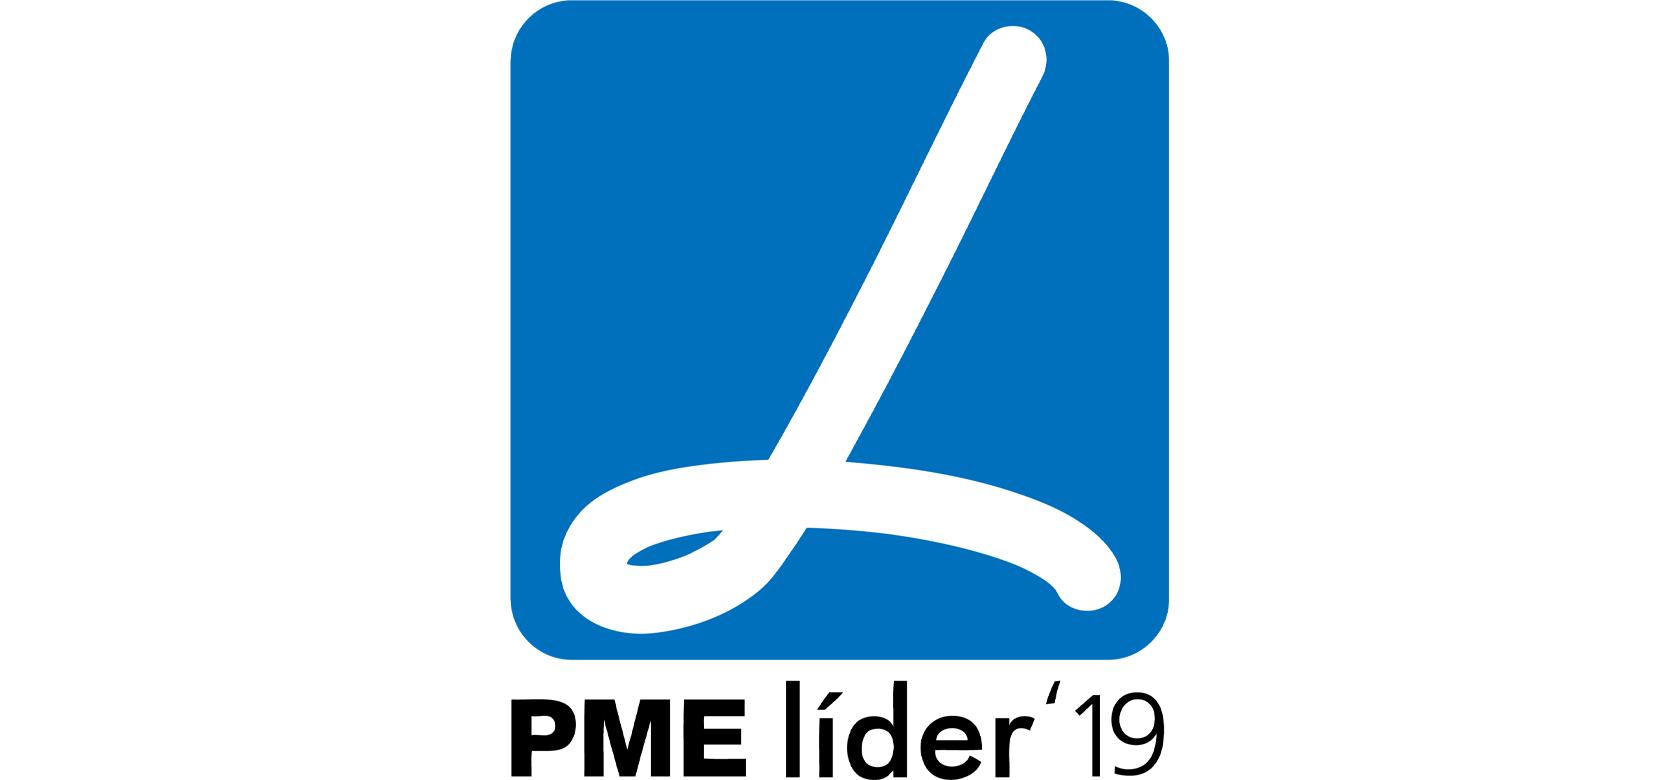 Lusomotos premiada com o Estatuto PME Líder 2019 0